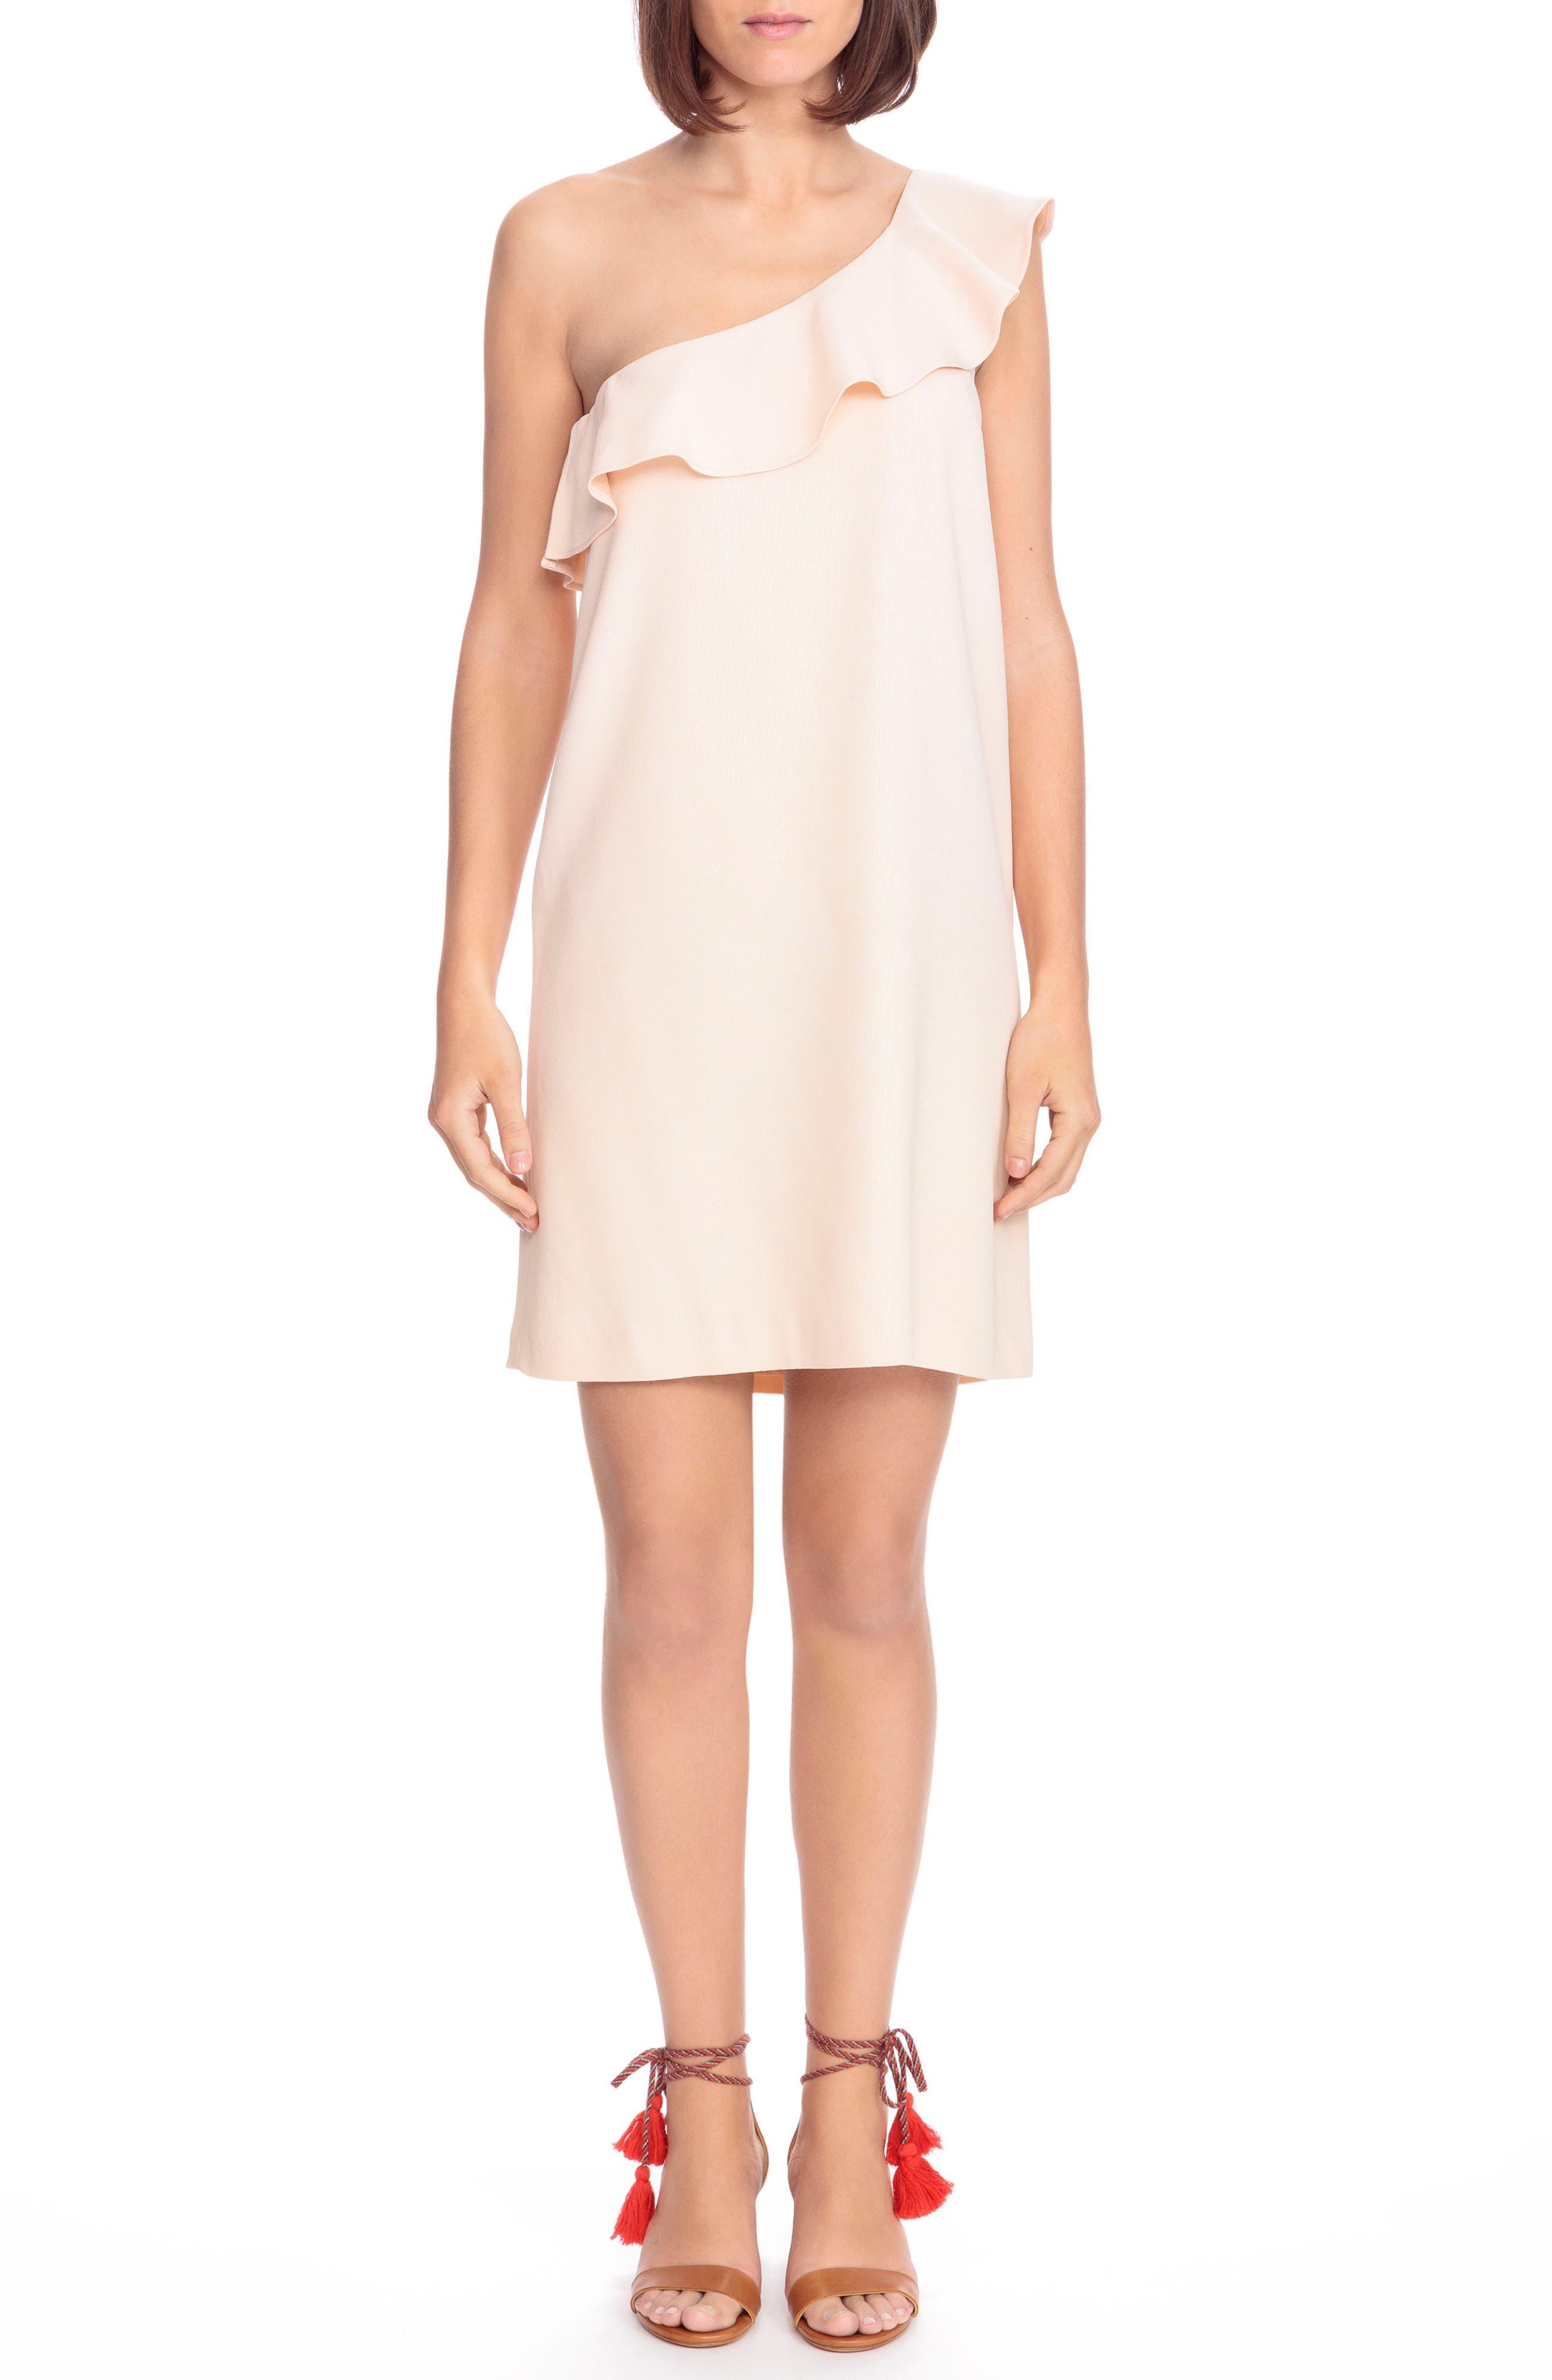 Sézane Louison Ruffle One-Shoulder Shift Dress